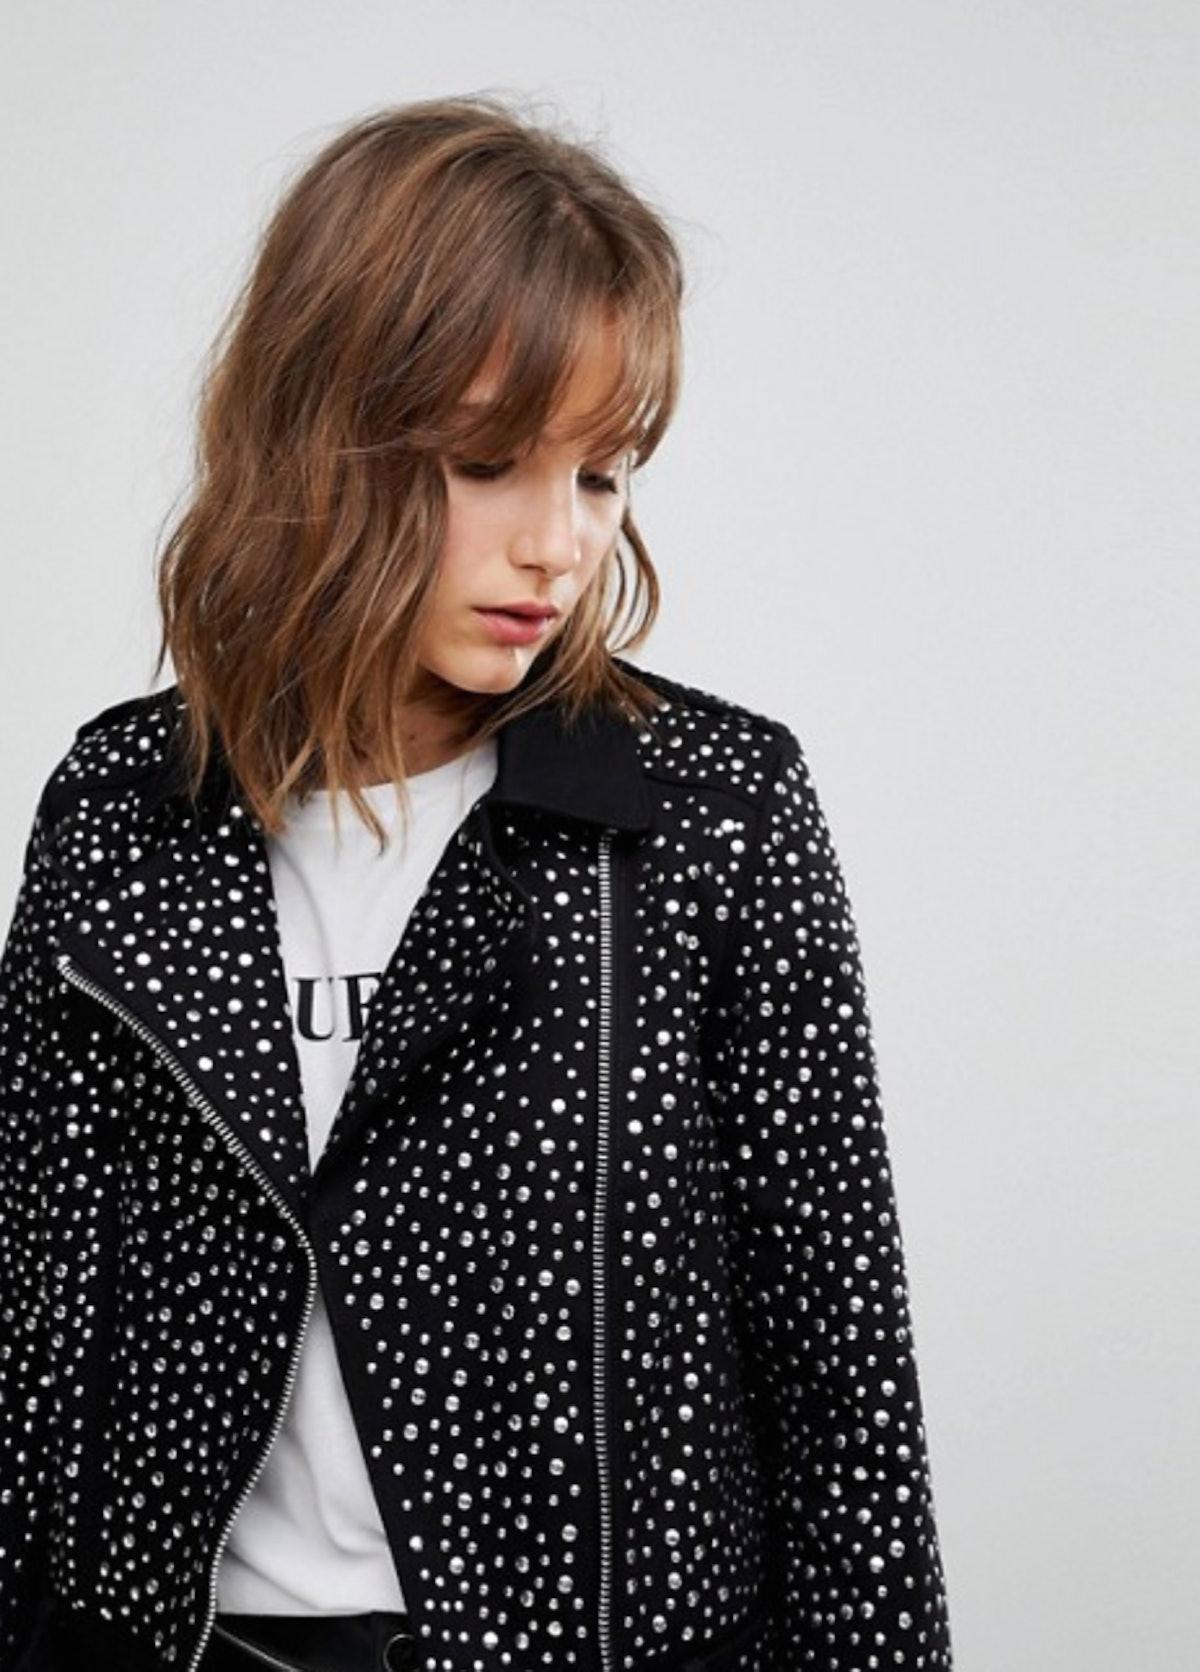 ASOS Studded Jacket